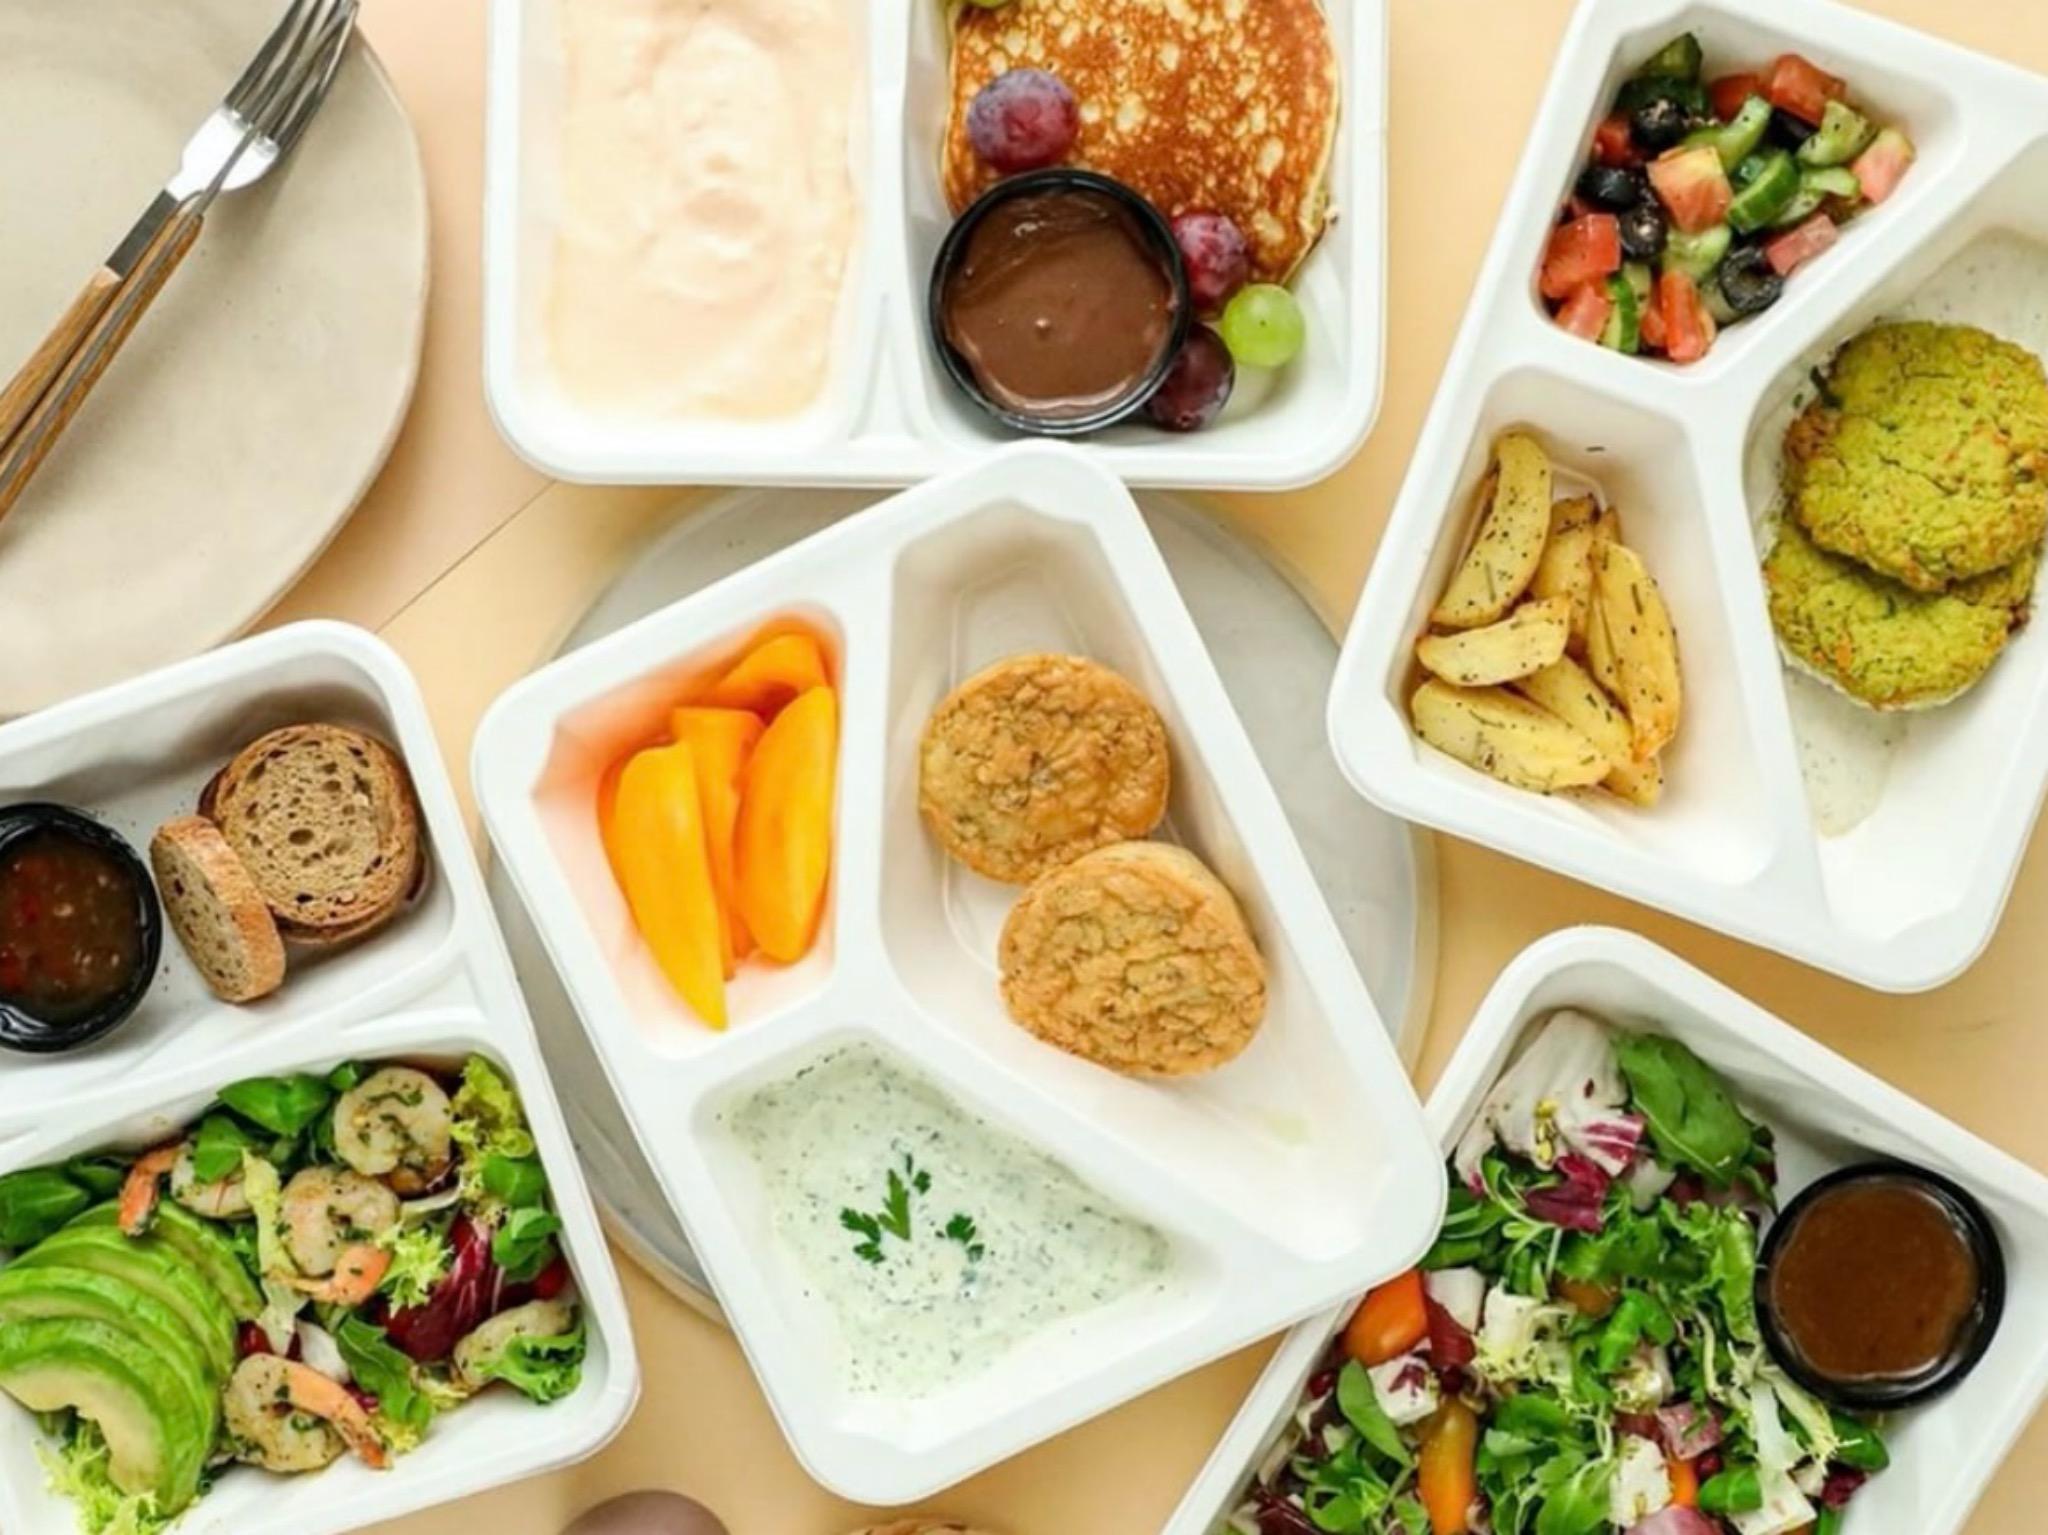 """Gesund essen und gleichzeitig Zeit sparen: Diese Faktoren möchte Dennis mit """"Fresh Leaf"""" vereinen. Foto: Fresh Leaf"""